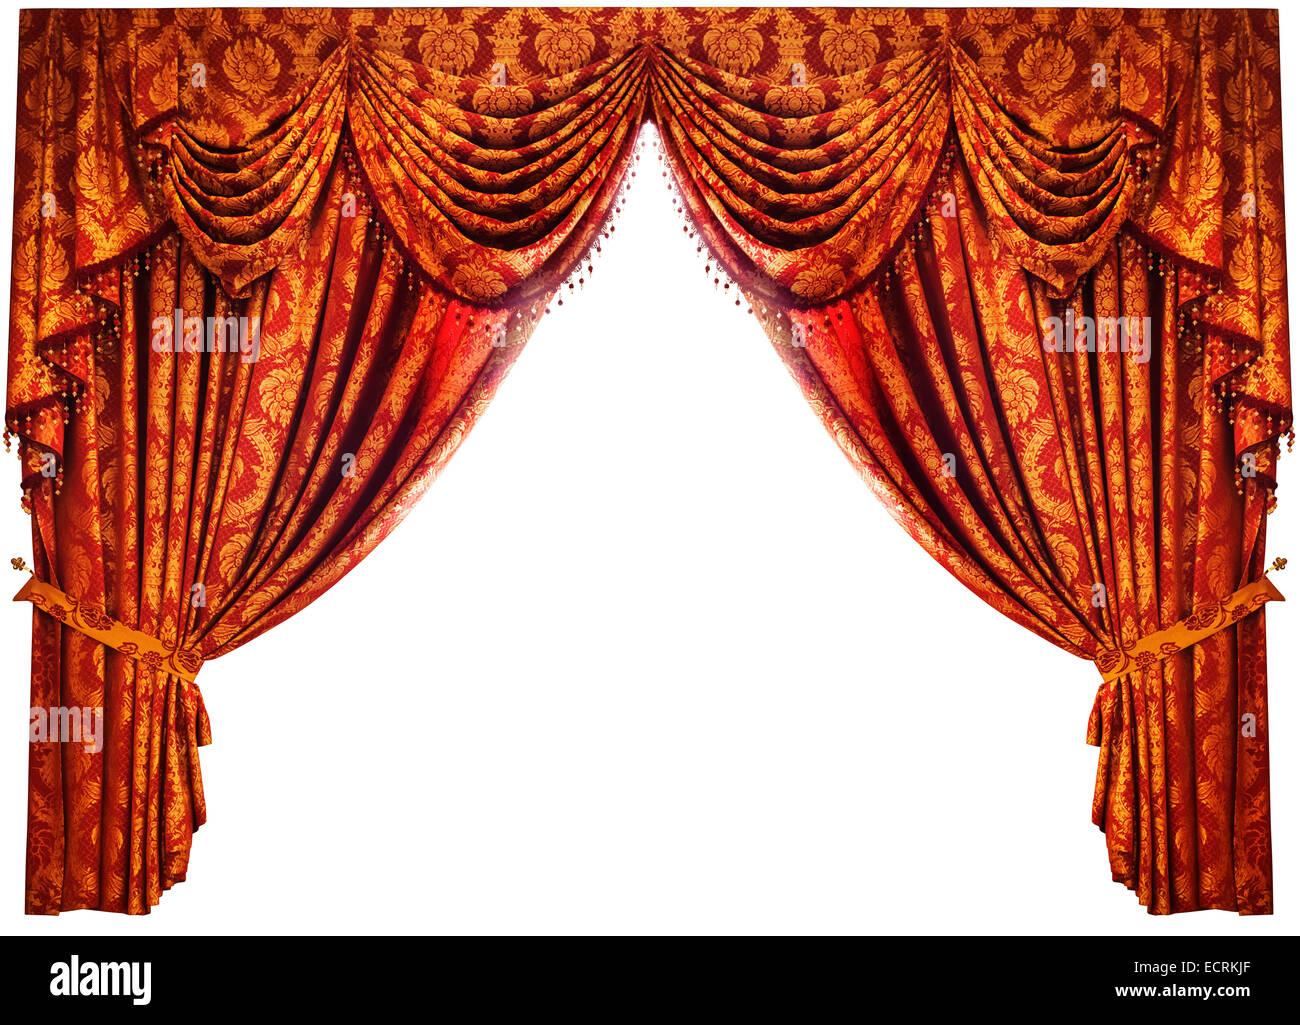 Drape Red Curtains Stockfotos & Drape Red Curtains Bilder   Alamy